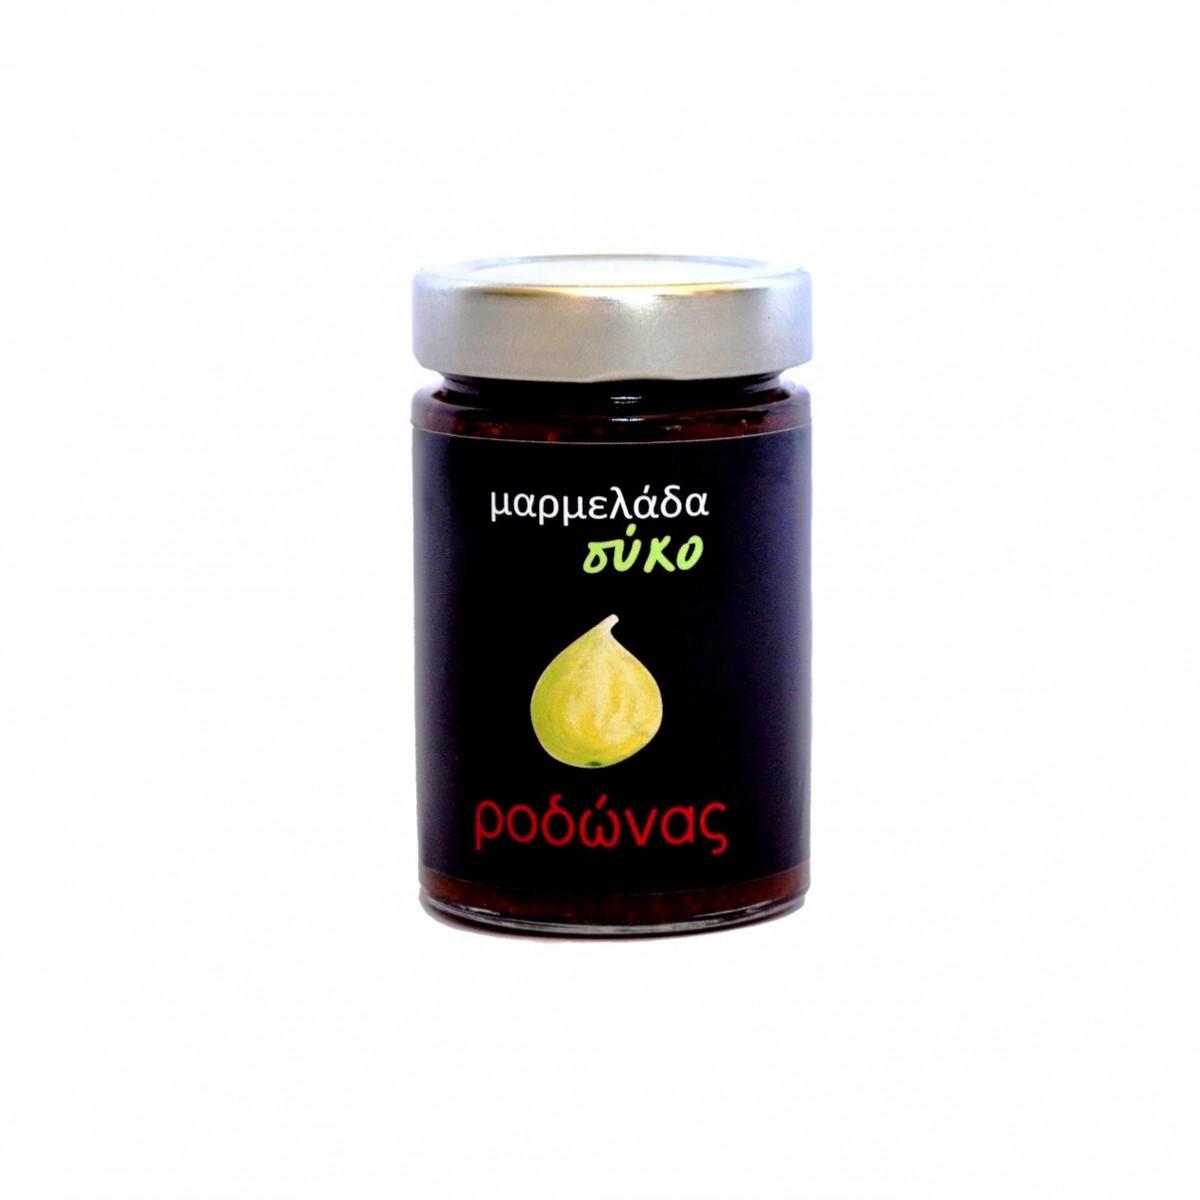 marmelade fig 1202x1202